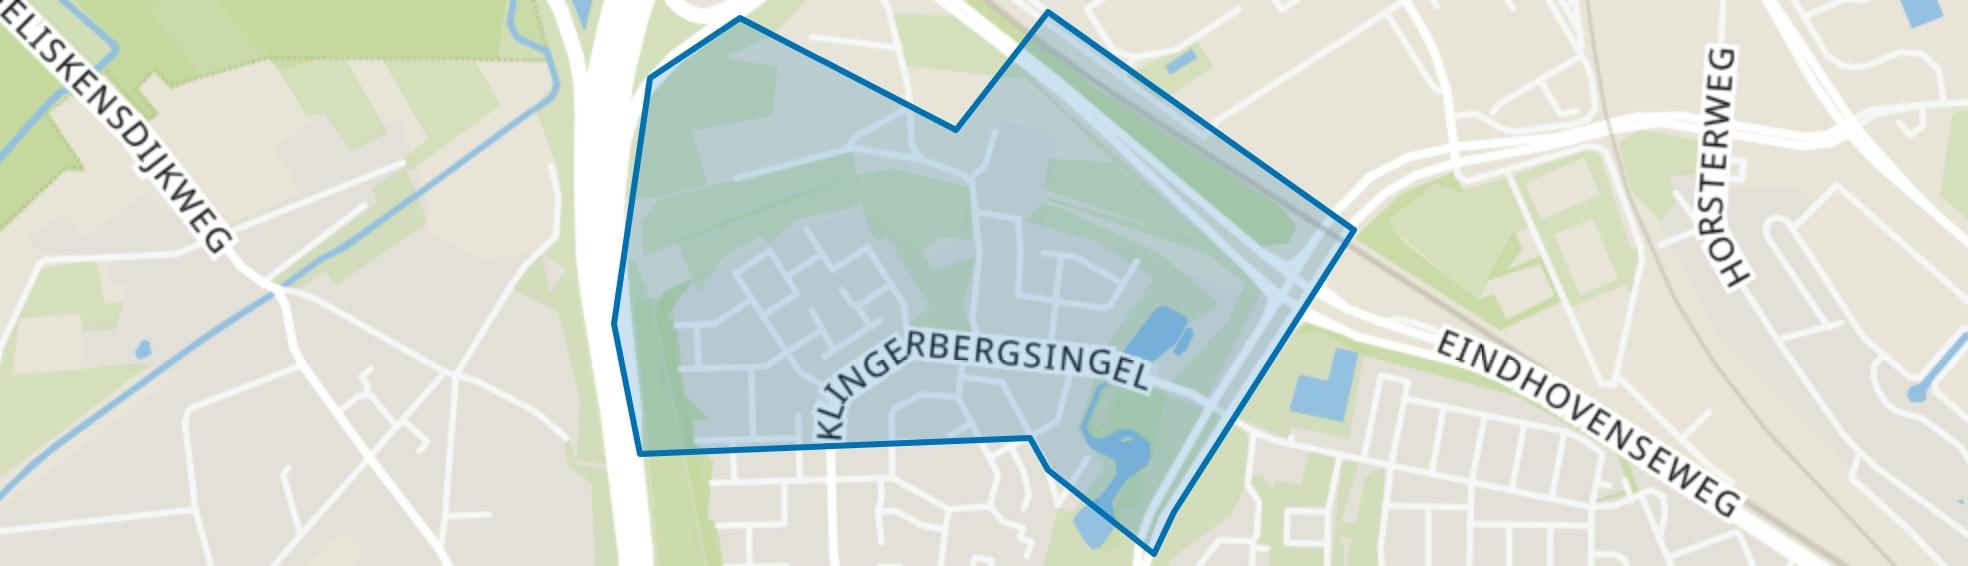 Klingerberg-Noord, Venlo map